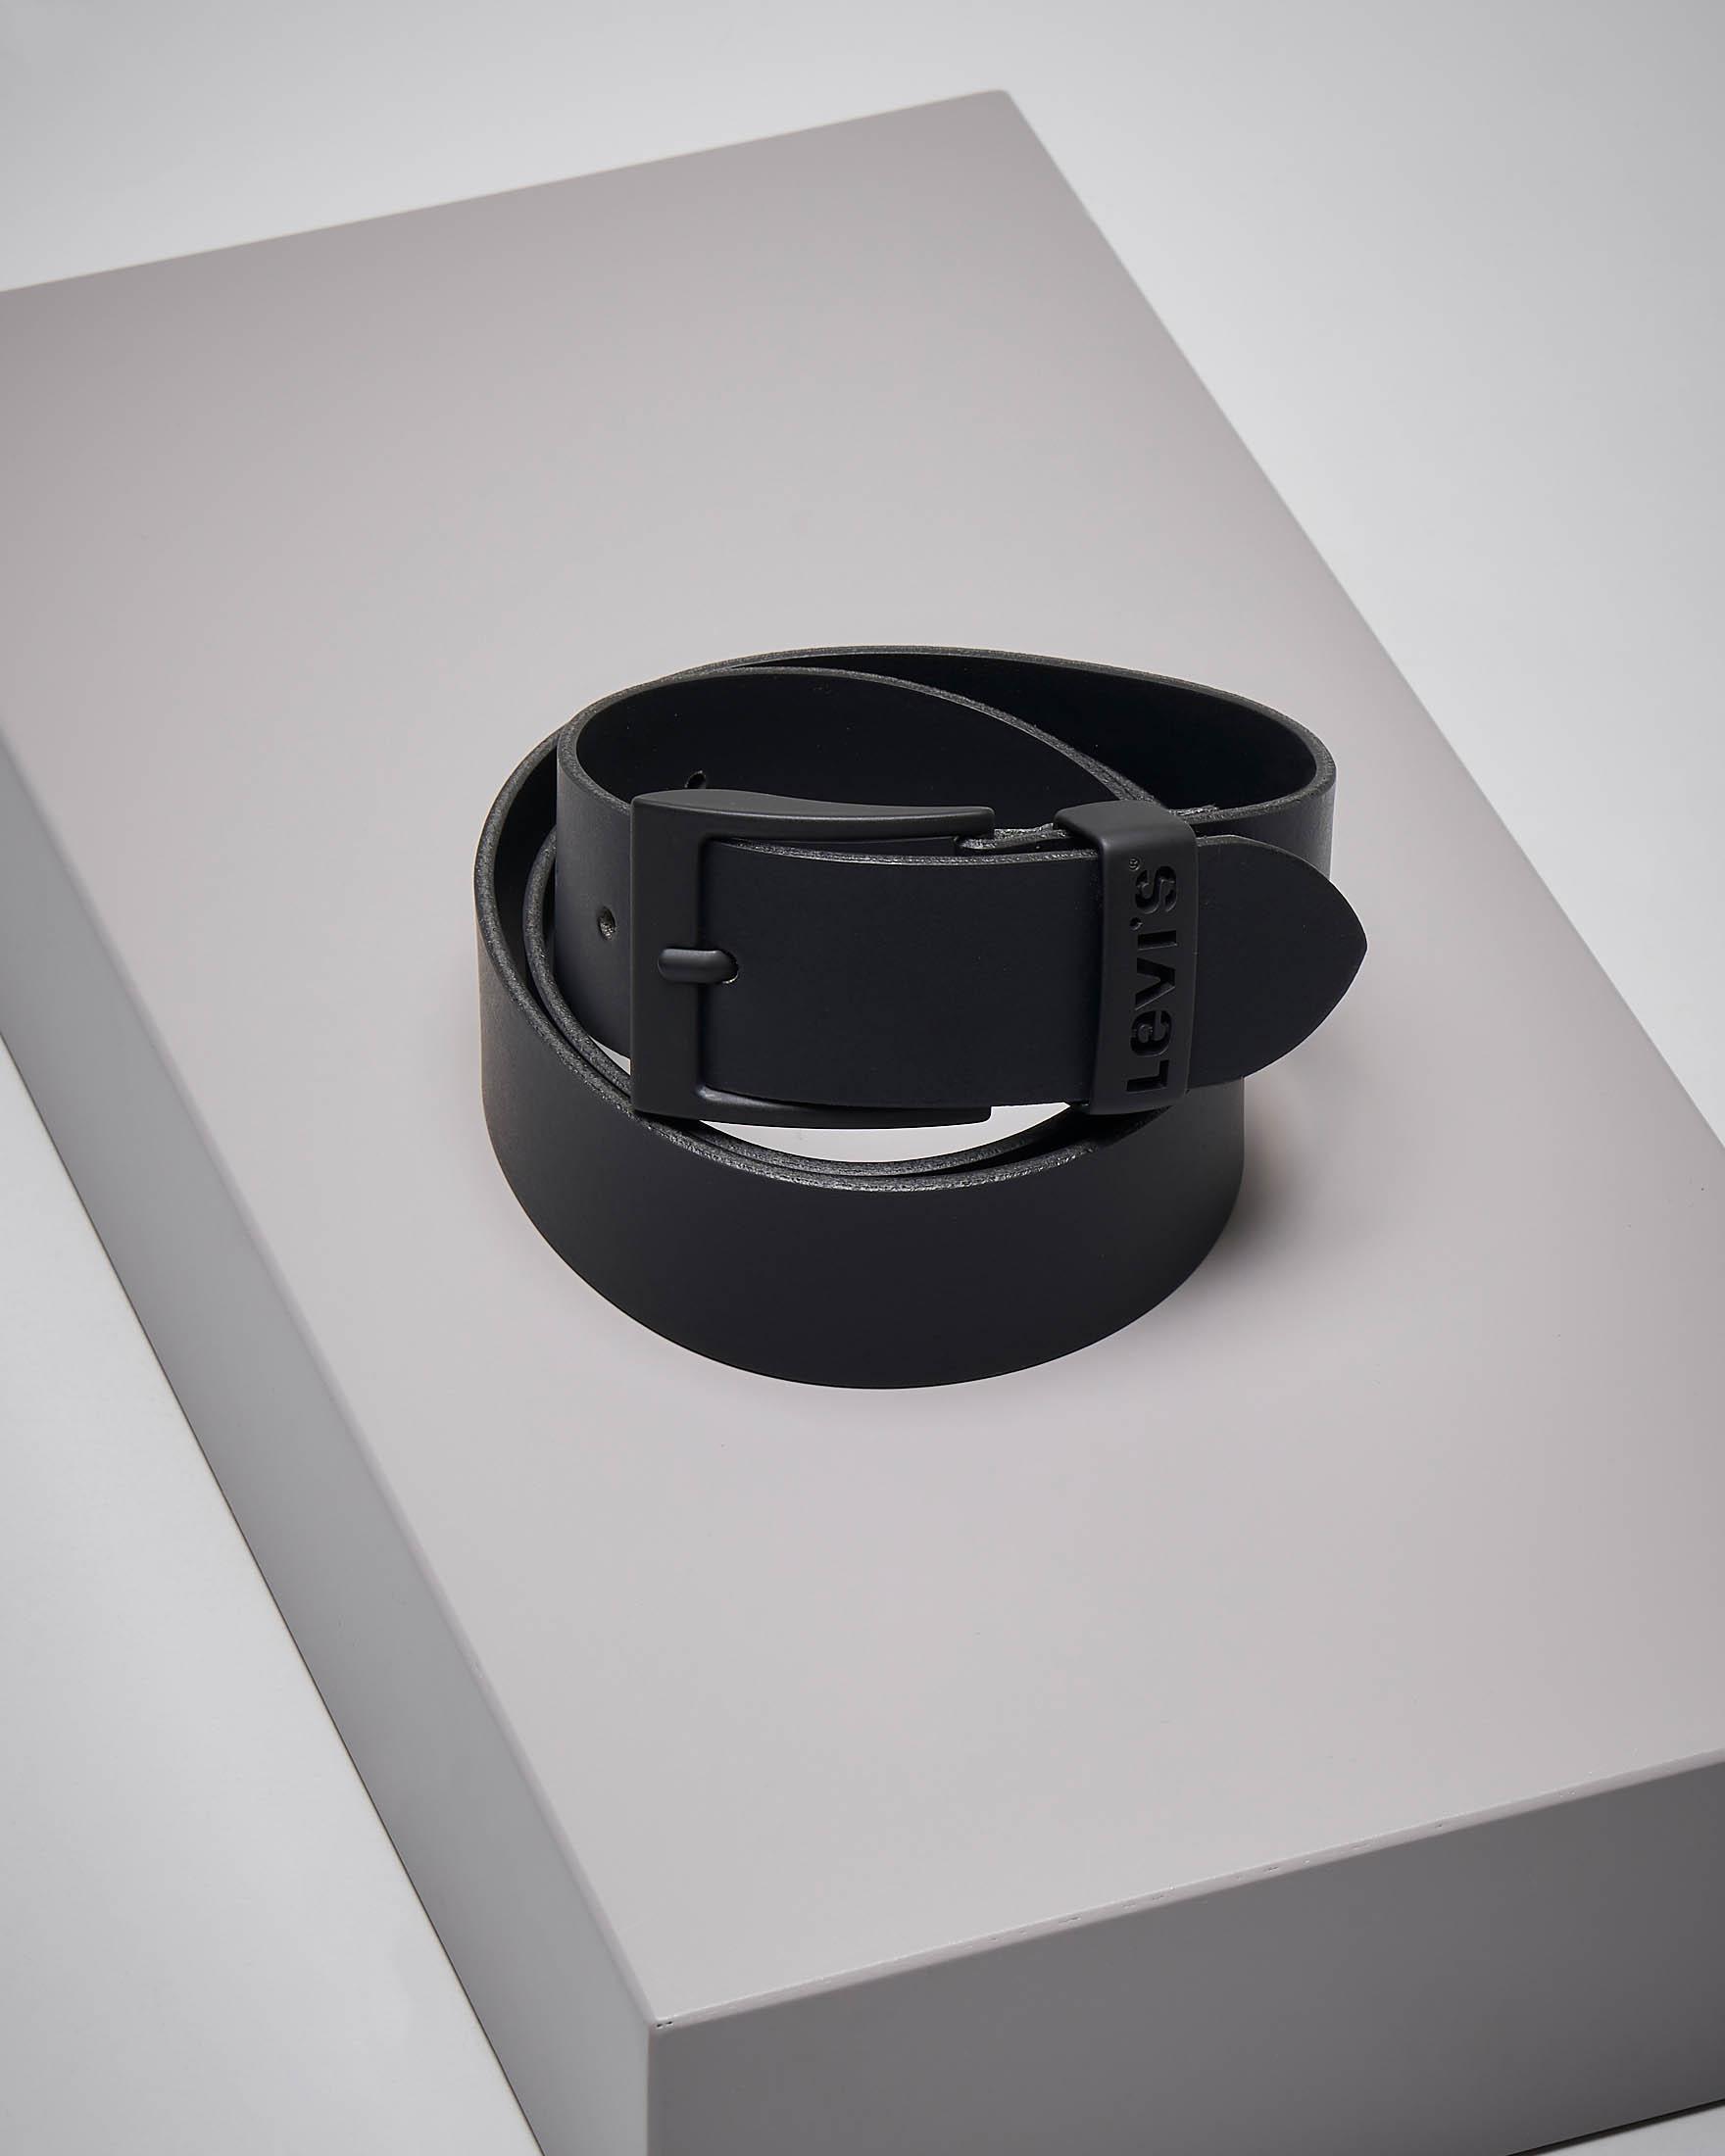 Cintura nera in pelle con fibbia tono su tono